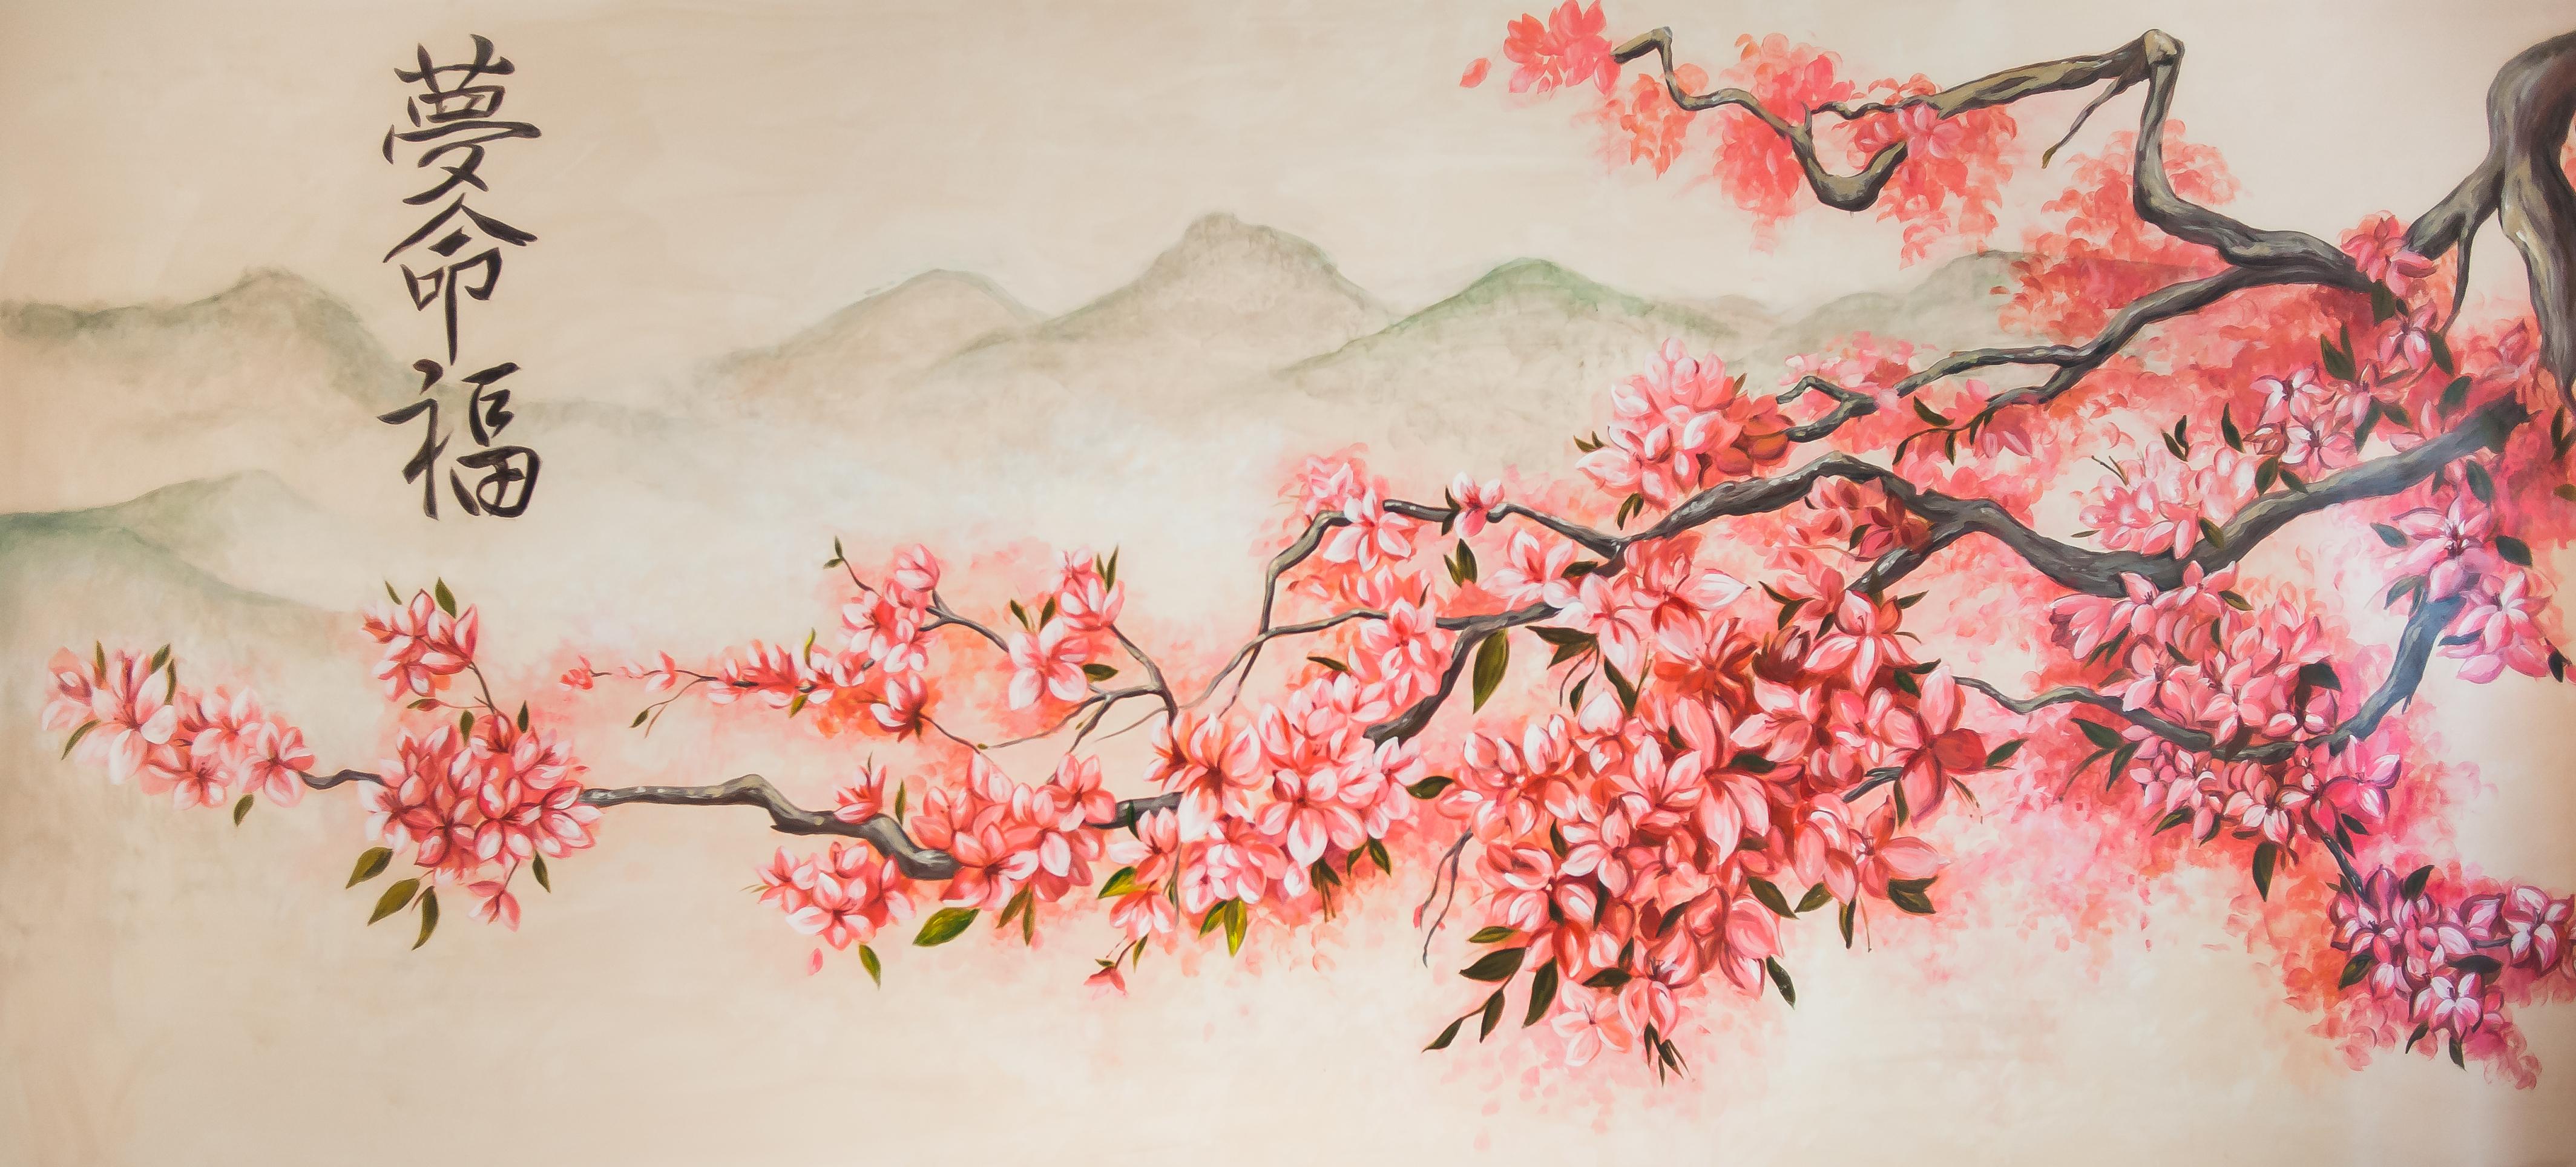 Картина в японском стиле своими руками